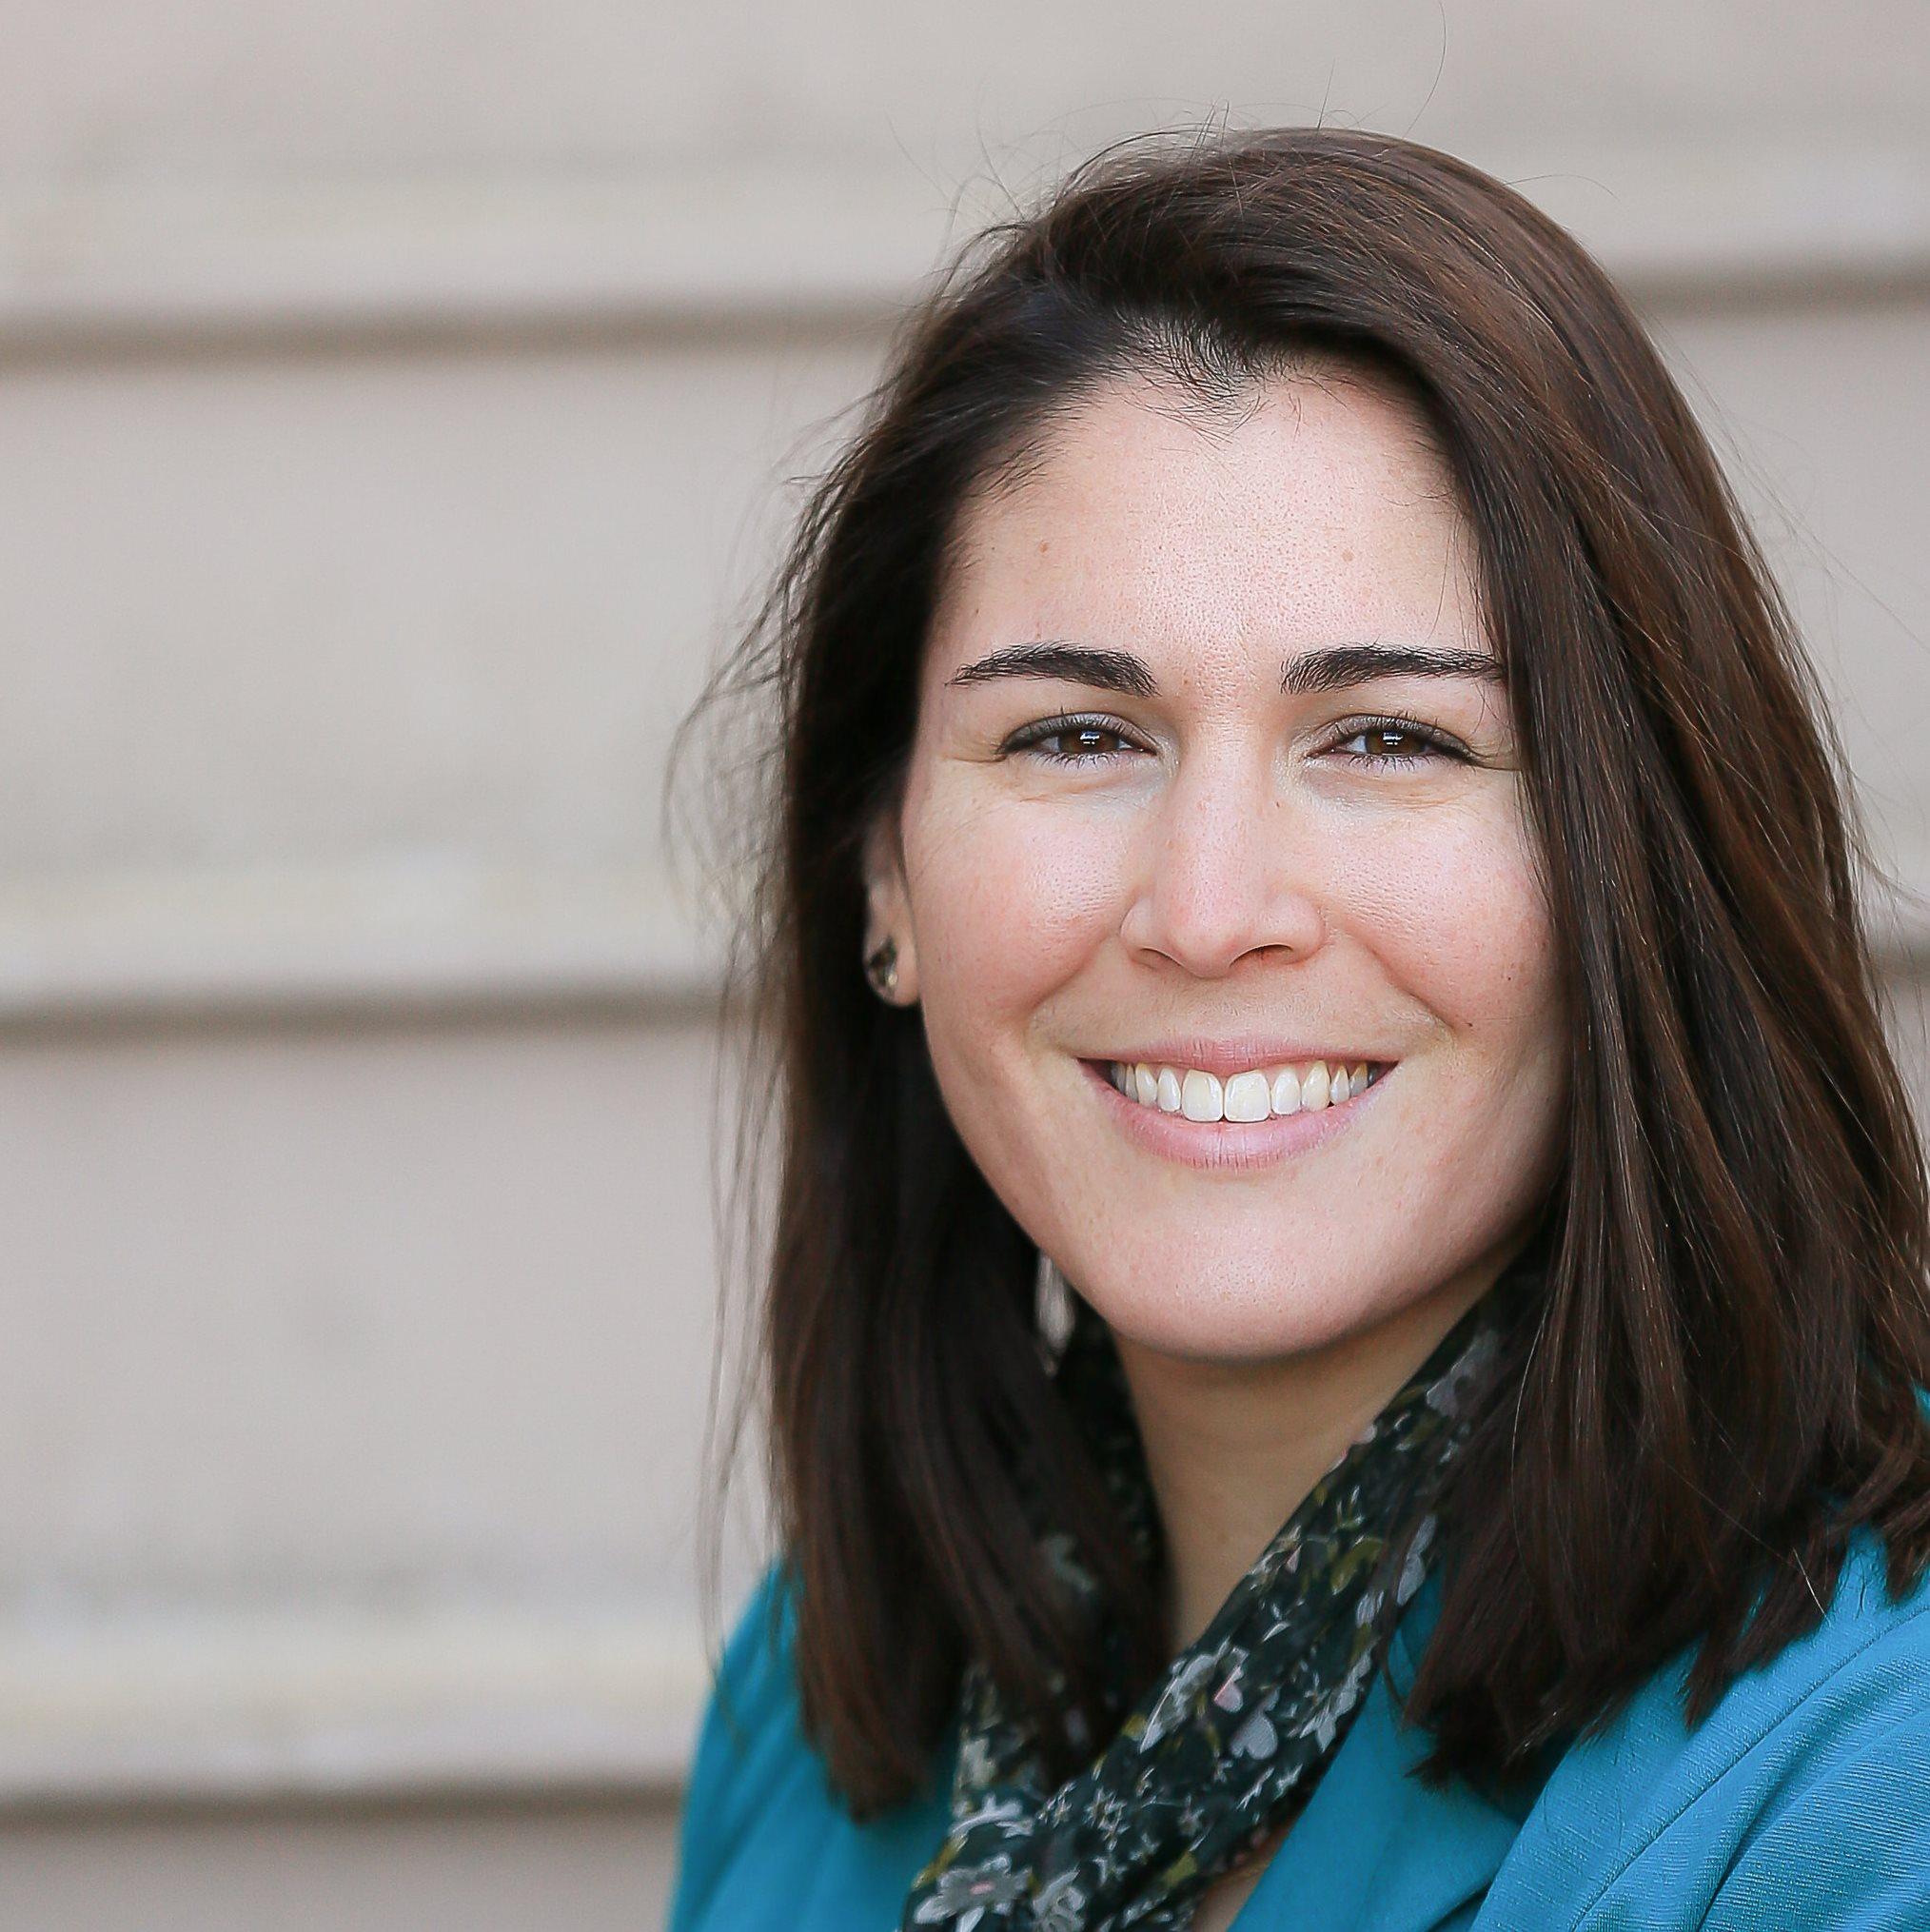 Jillian Miner